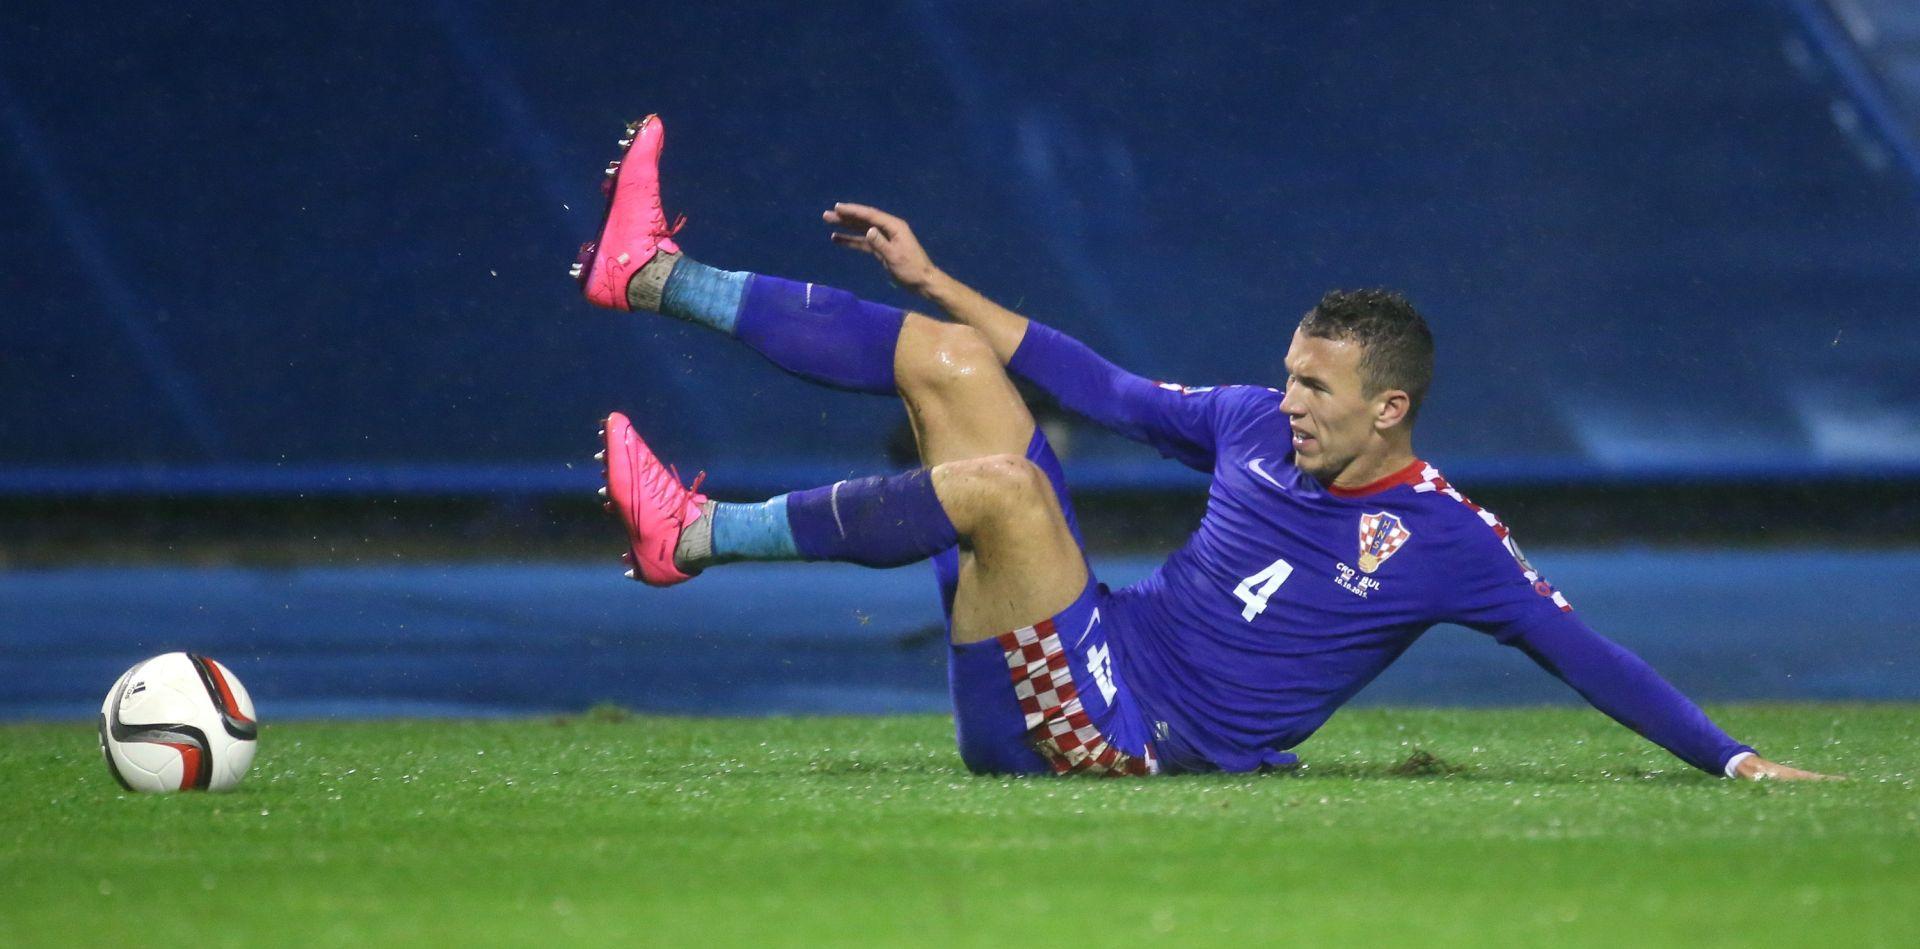 EURO2016 Lewandowski najkorisniji igrač kvalifikacija, Perišić najučinkovitiji Hrvat